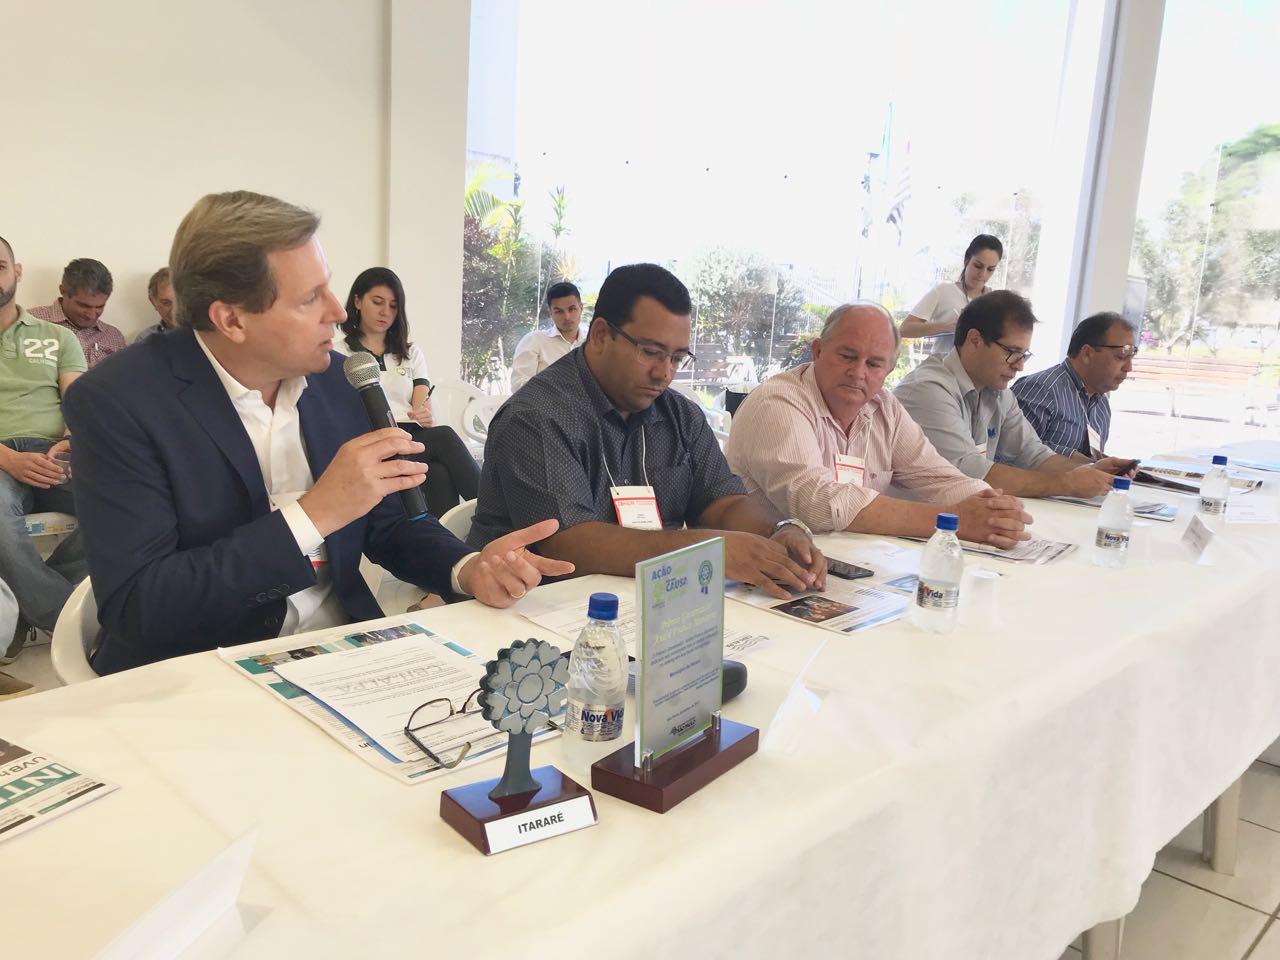 Prefeito de Itararé (SP) discursa em Comitê sobre conquista do Programa Município VerdeAzul